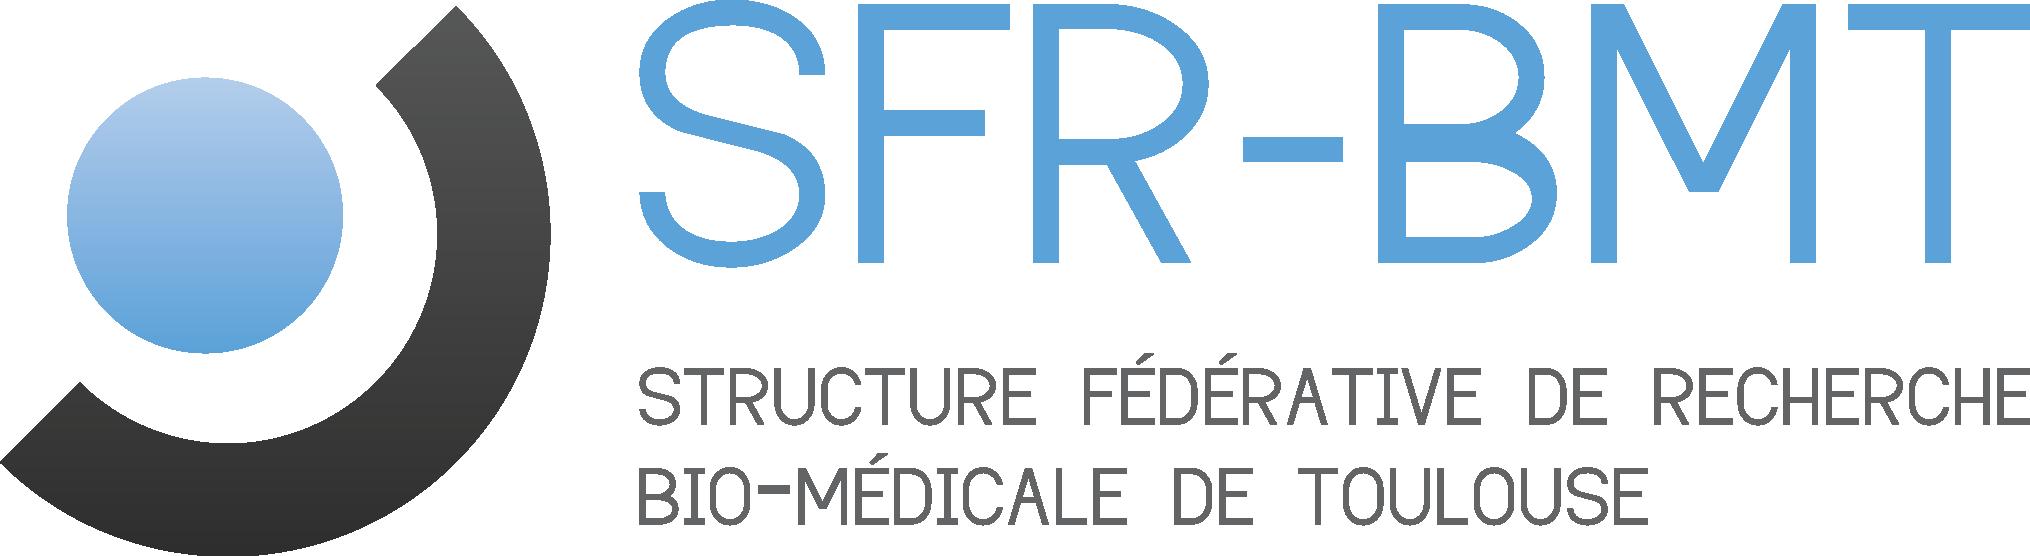 SFR-BMT